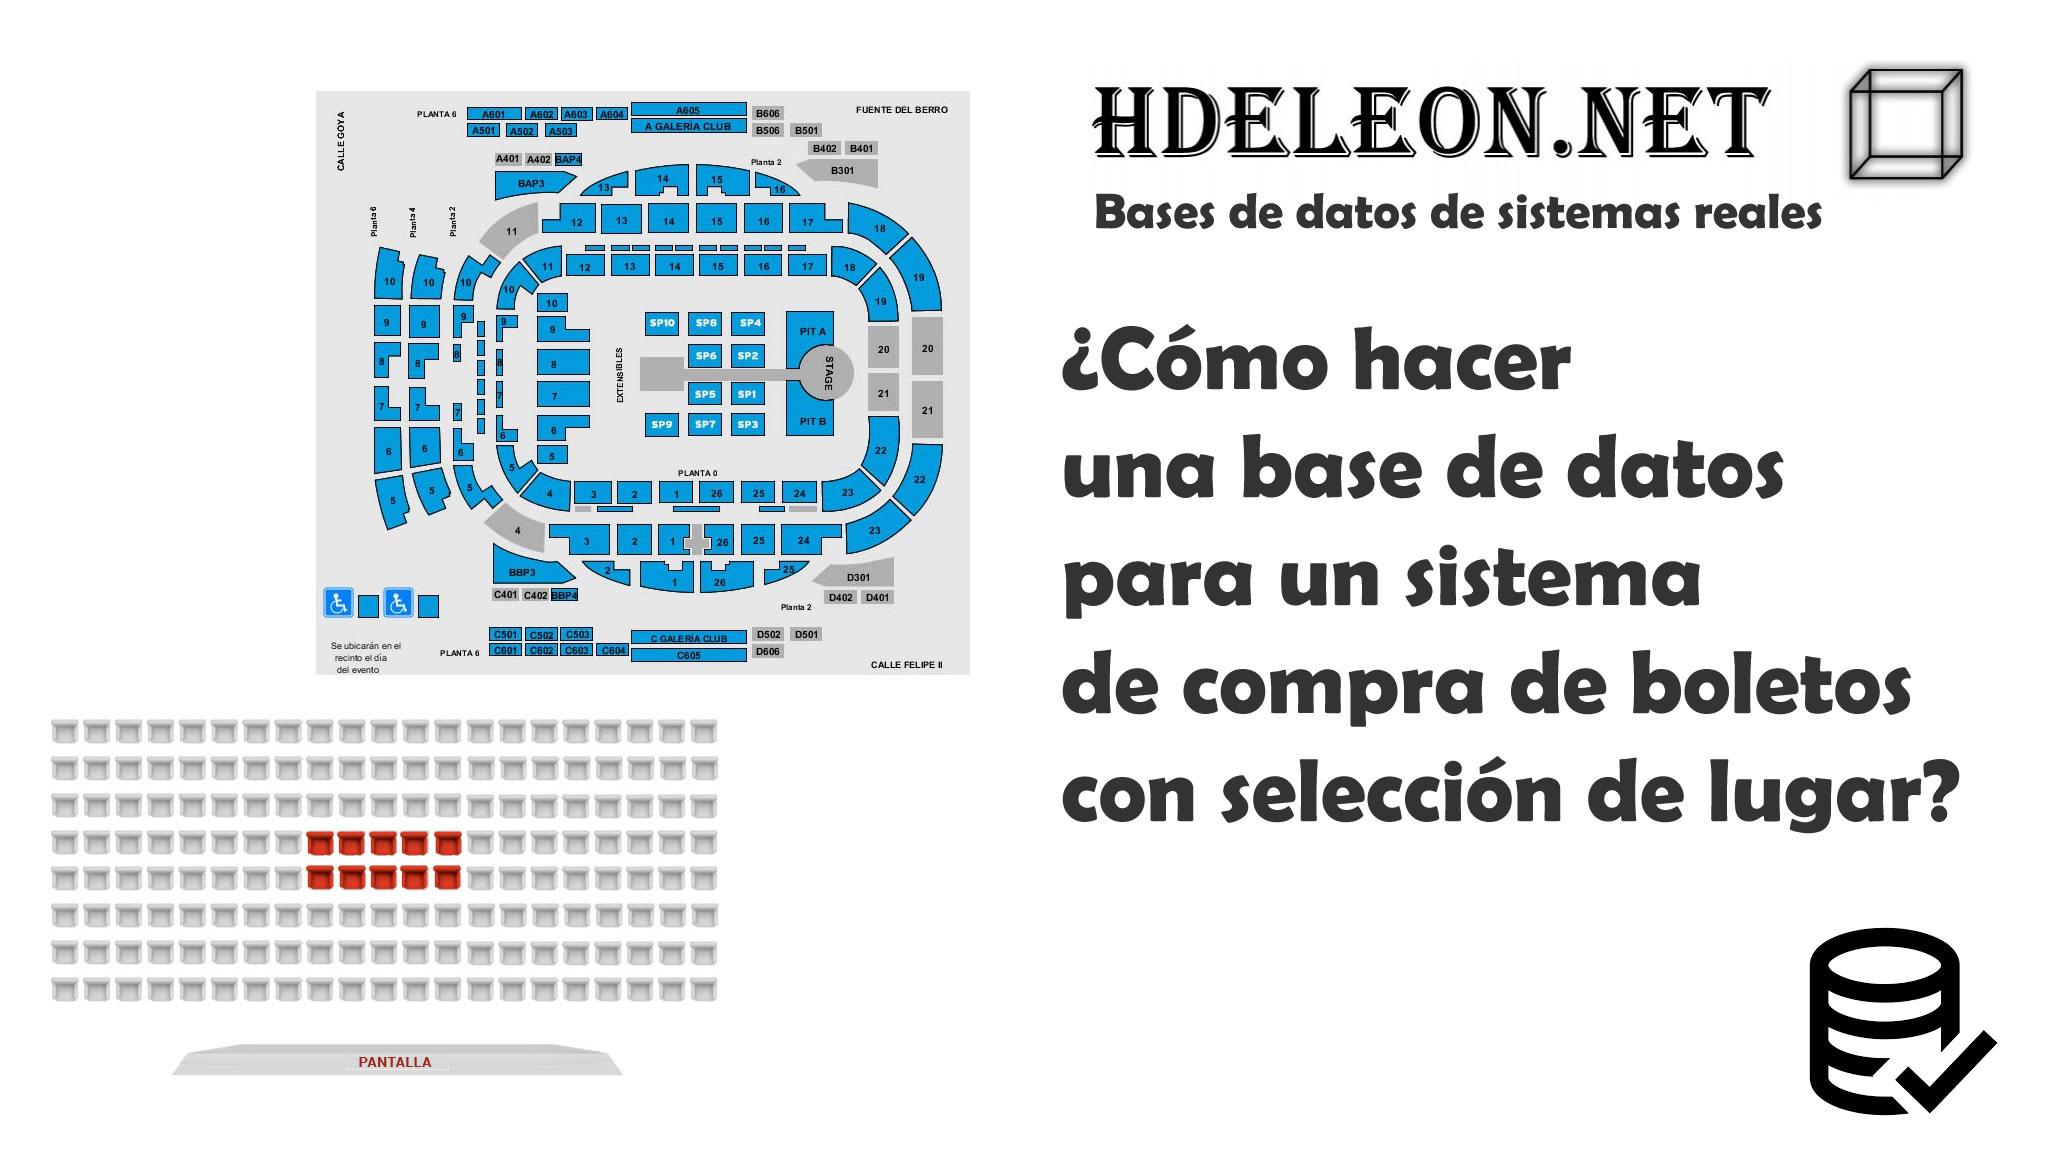 ¿Cómo hacer una base de datos para un sistema de compra de boletos con selección de lugar?